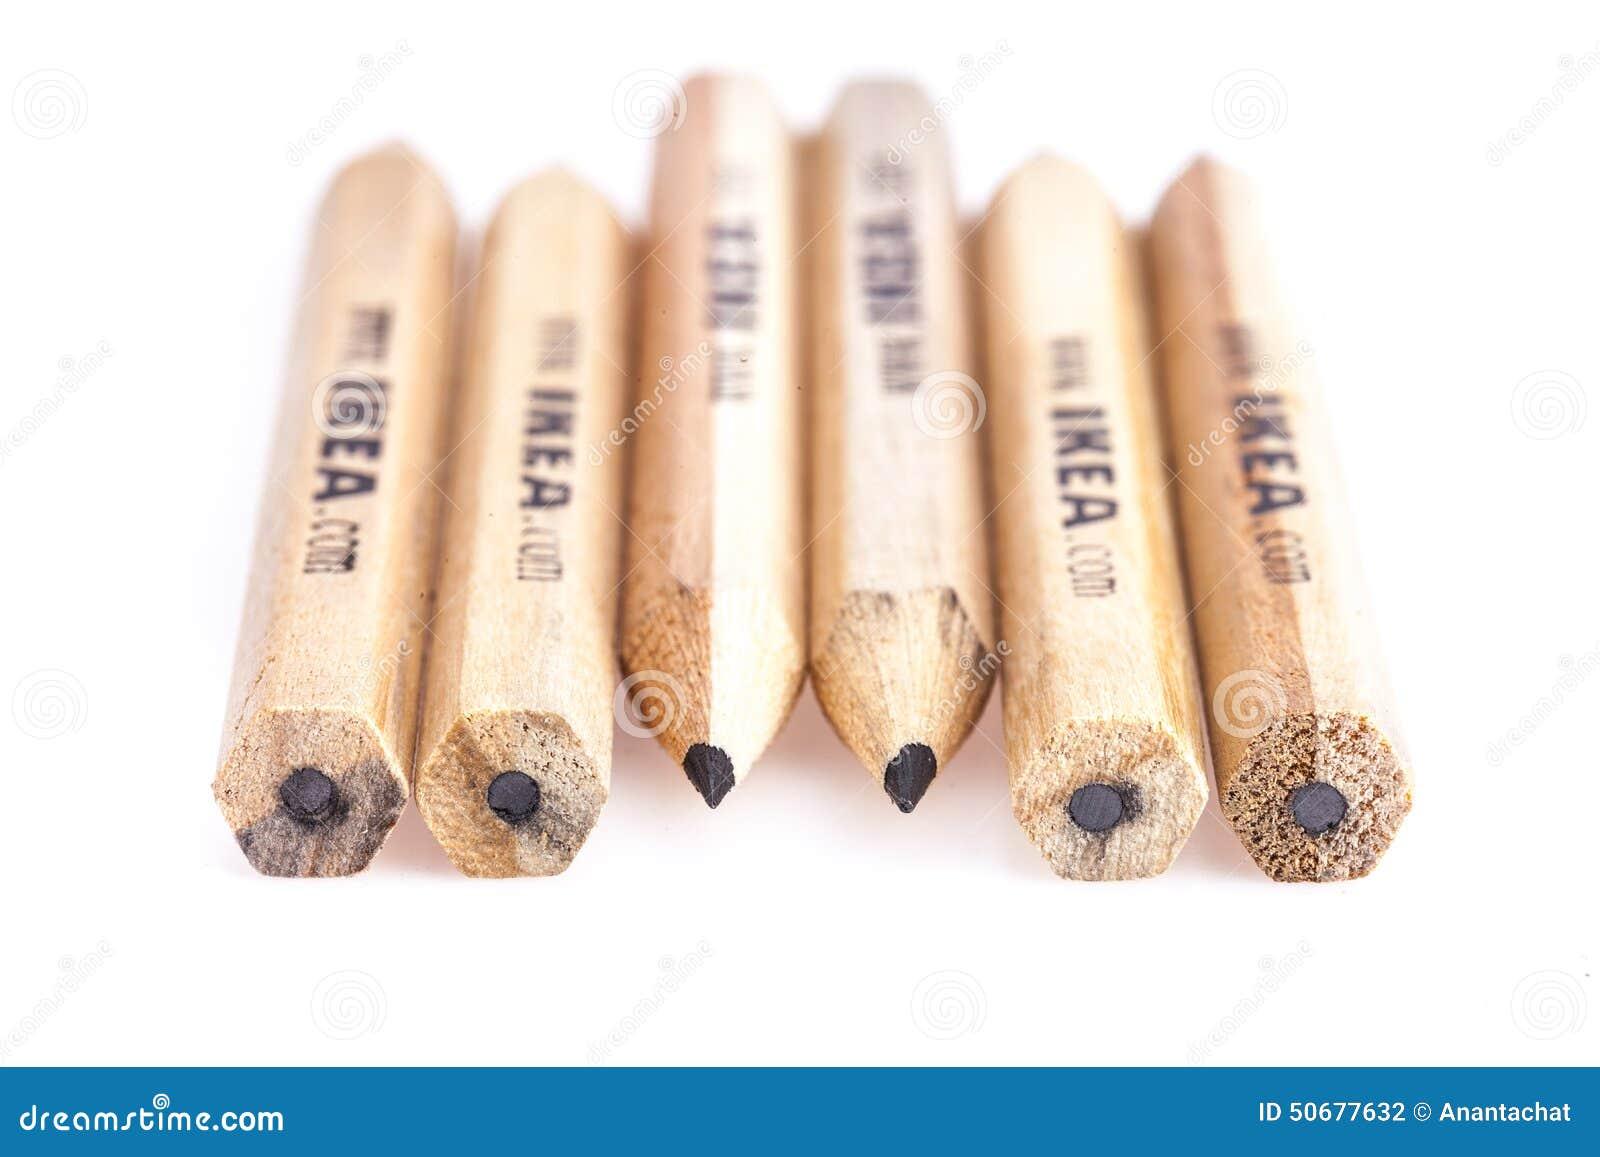 IKEA blyertspenna